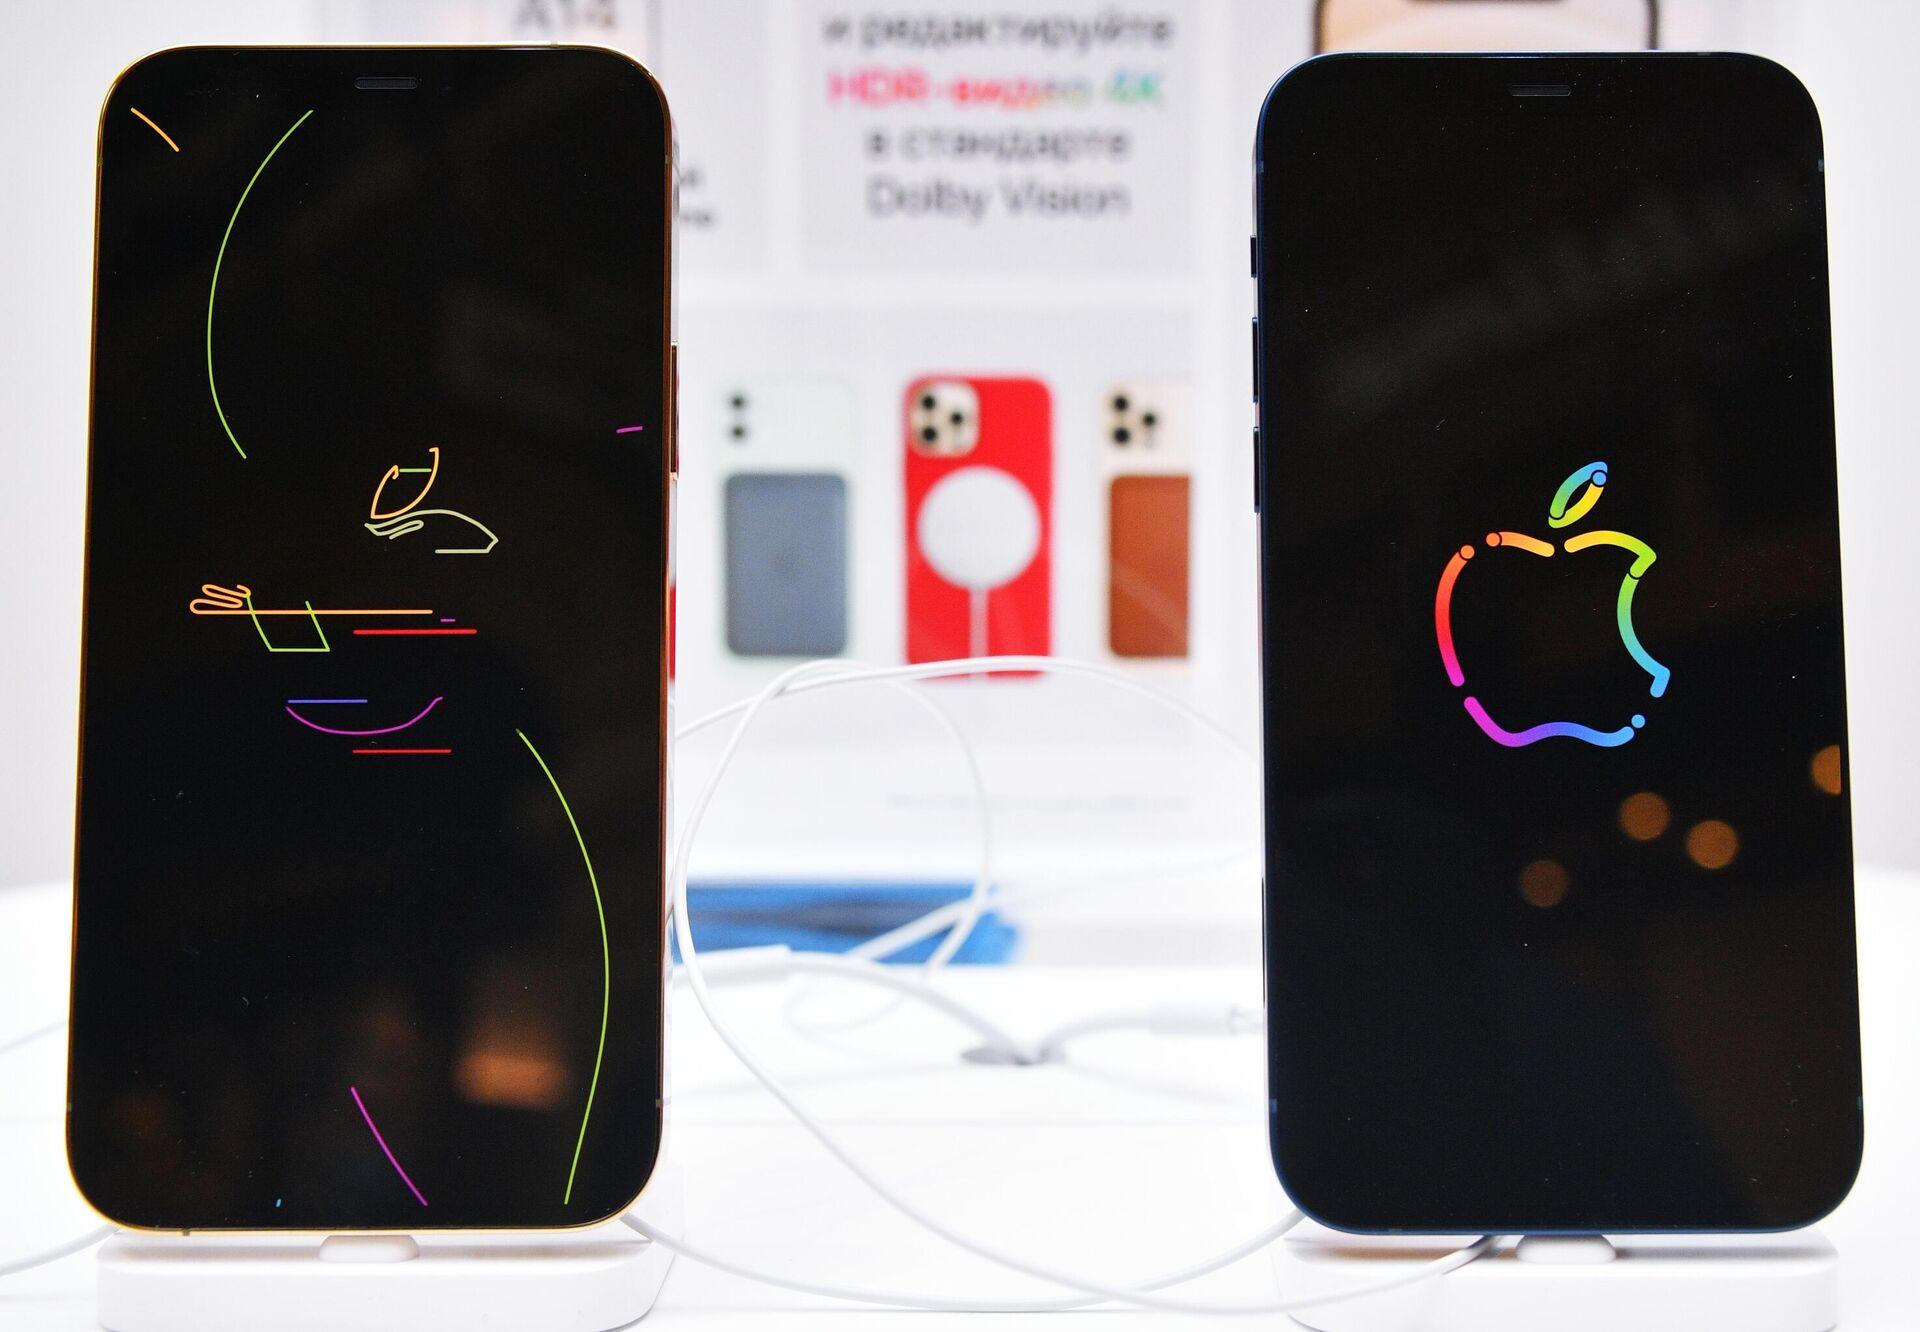 Заставки на экранах новых смартфонов компании Apple в магазине re:Store - РИА Новости, 1920, 30.10.2020